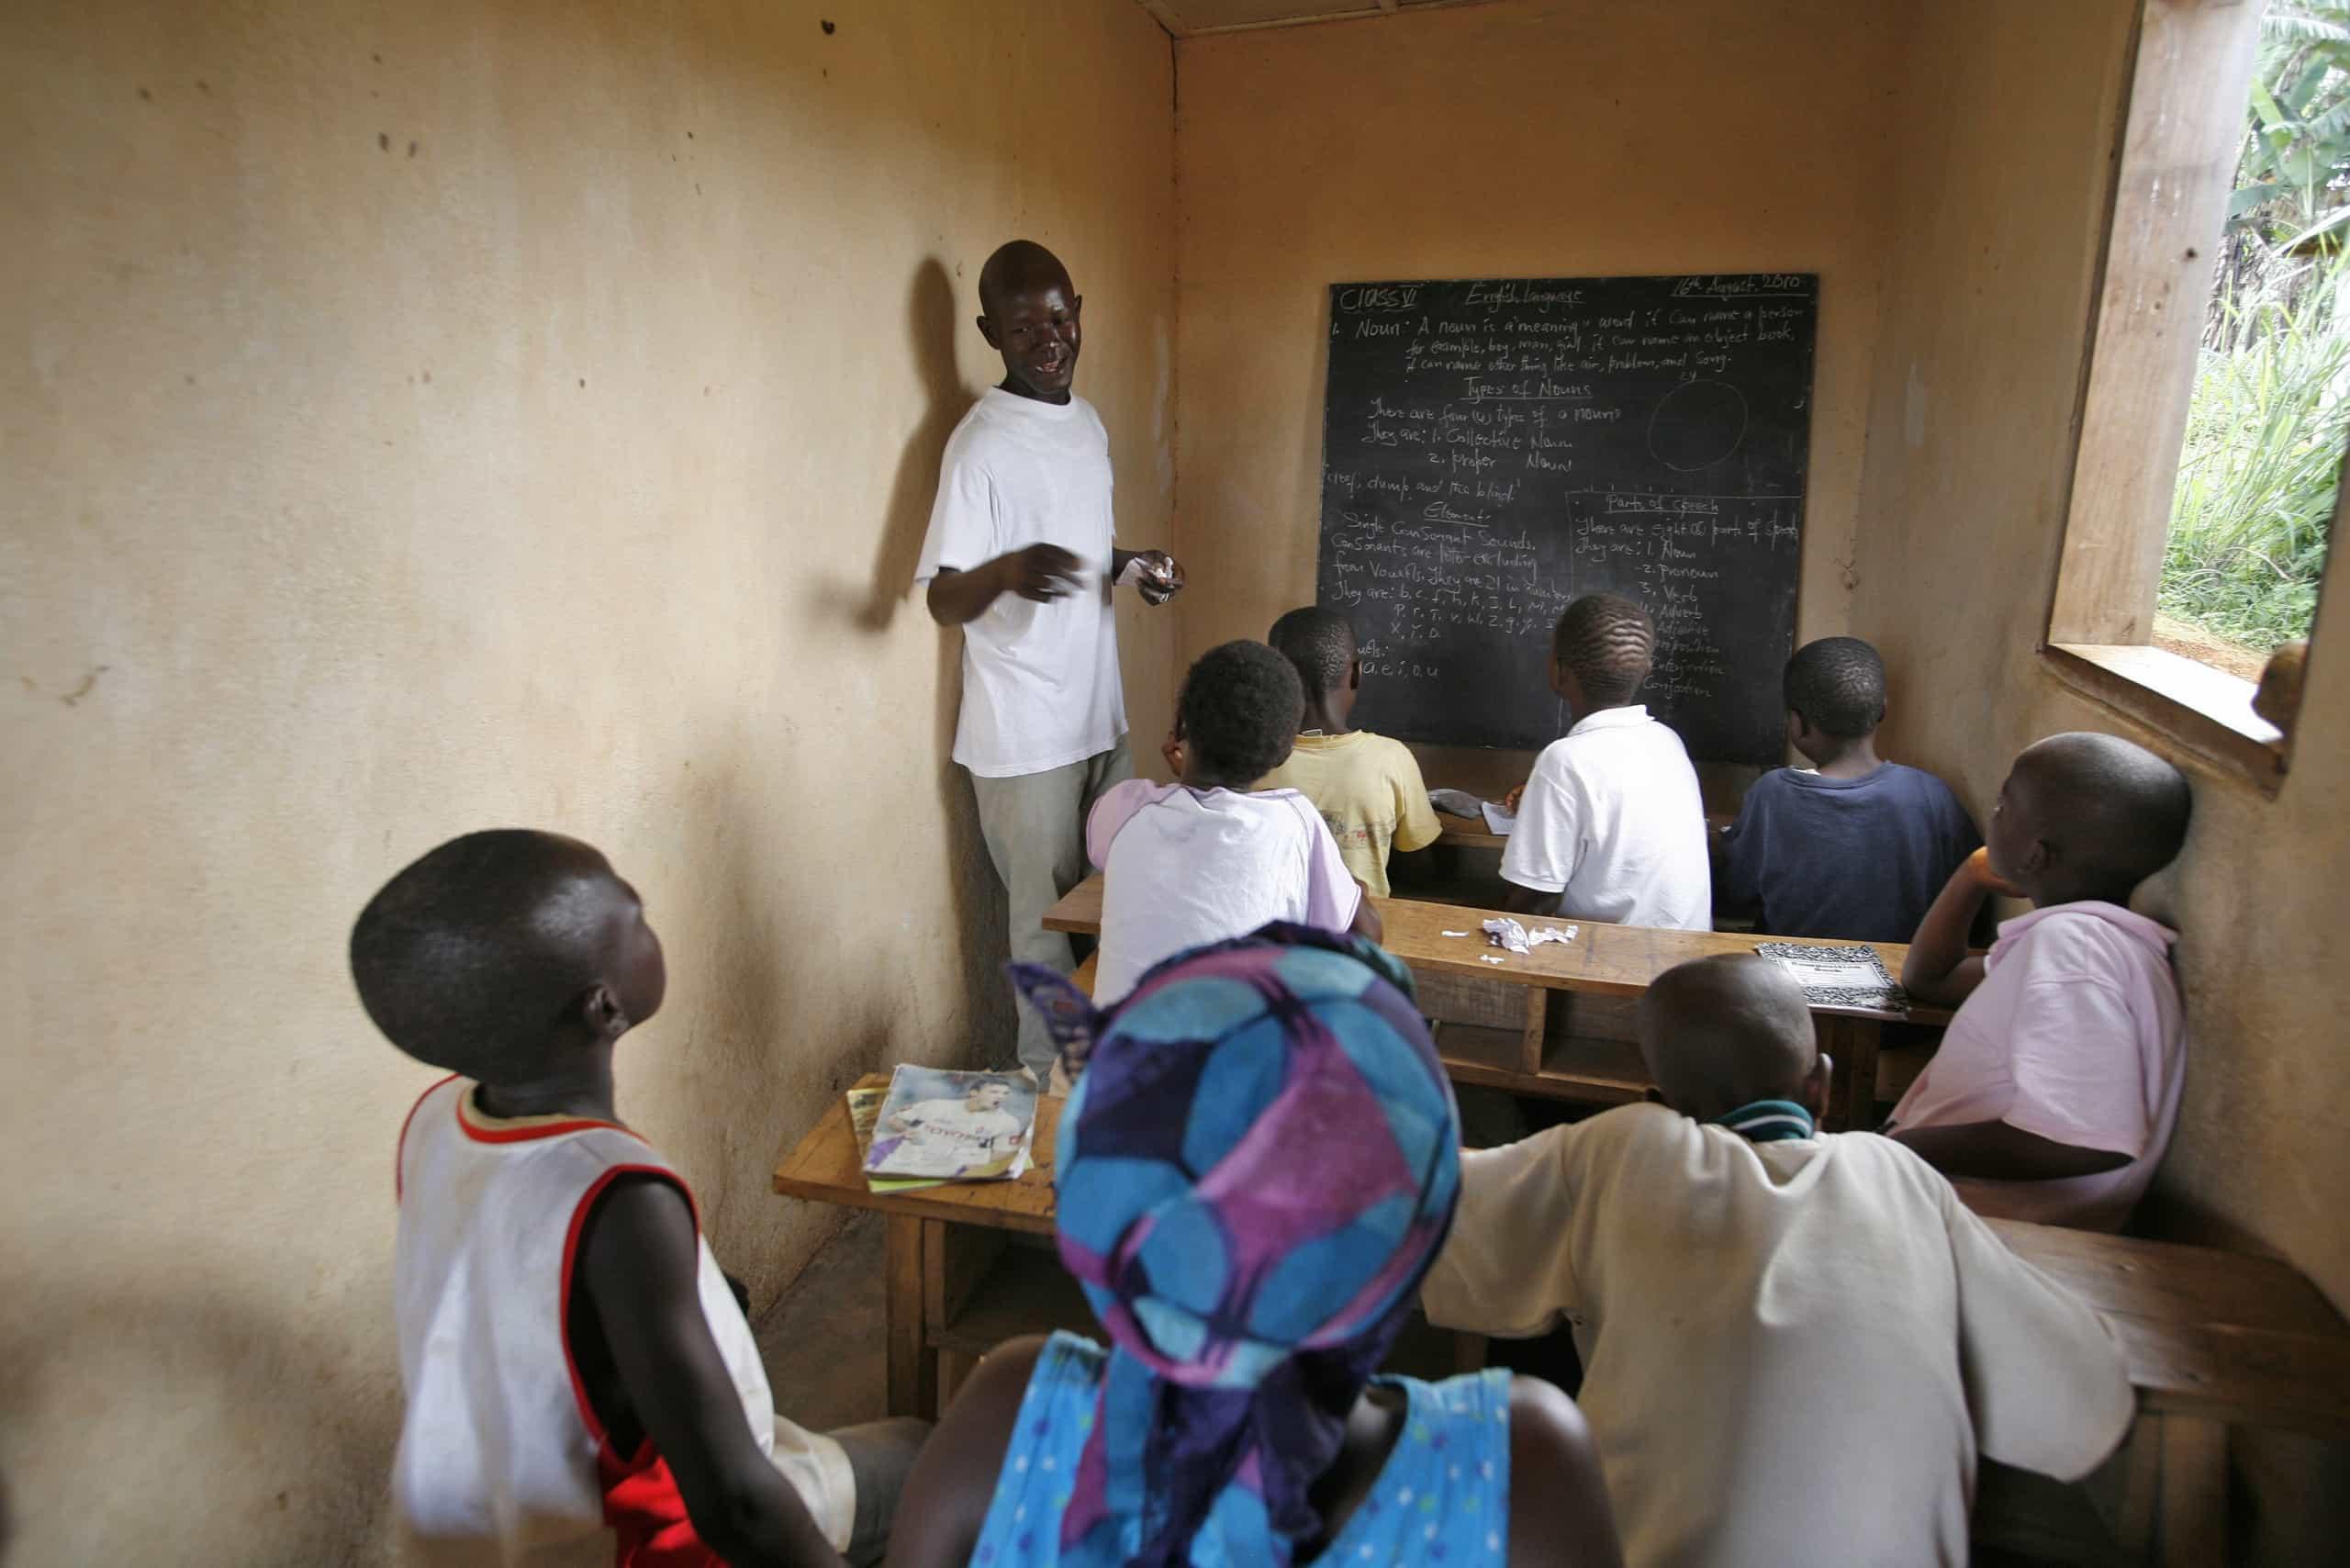 Sindicato dos professores angolanos dá prazo a Governo para transição